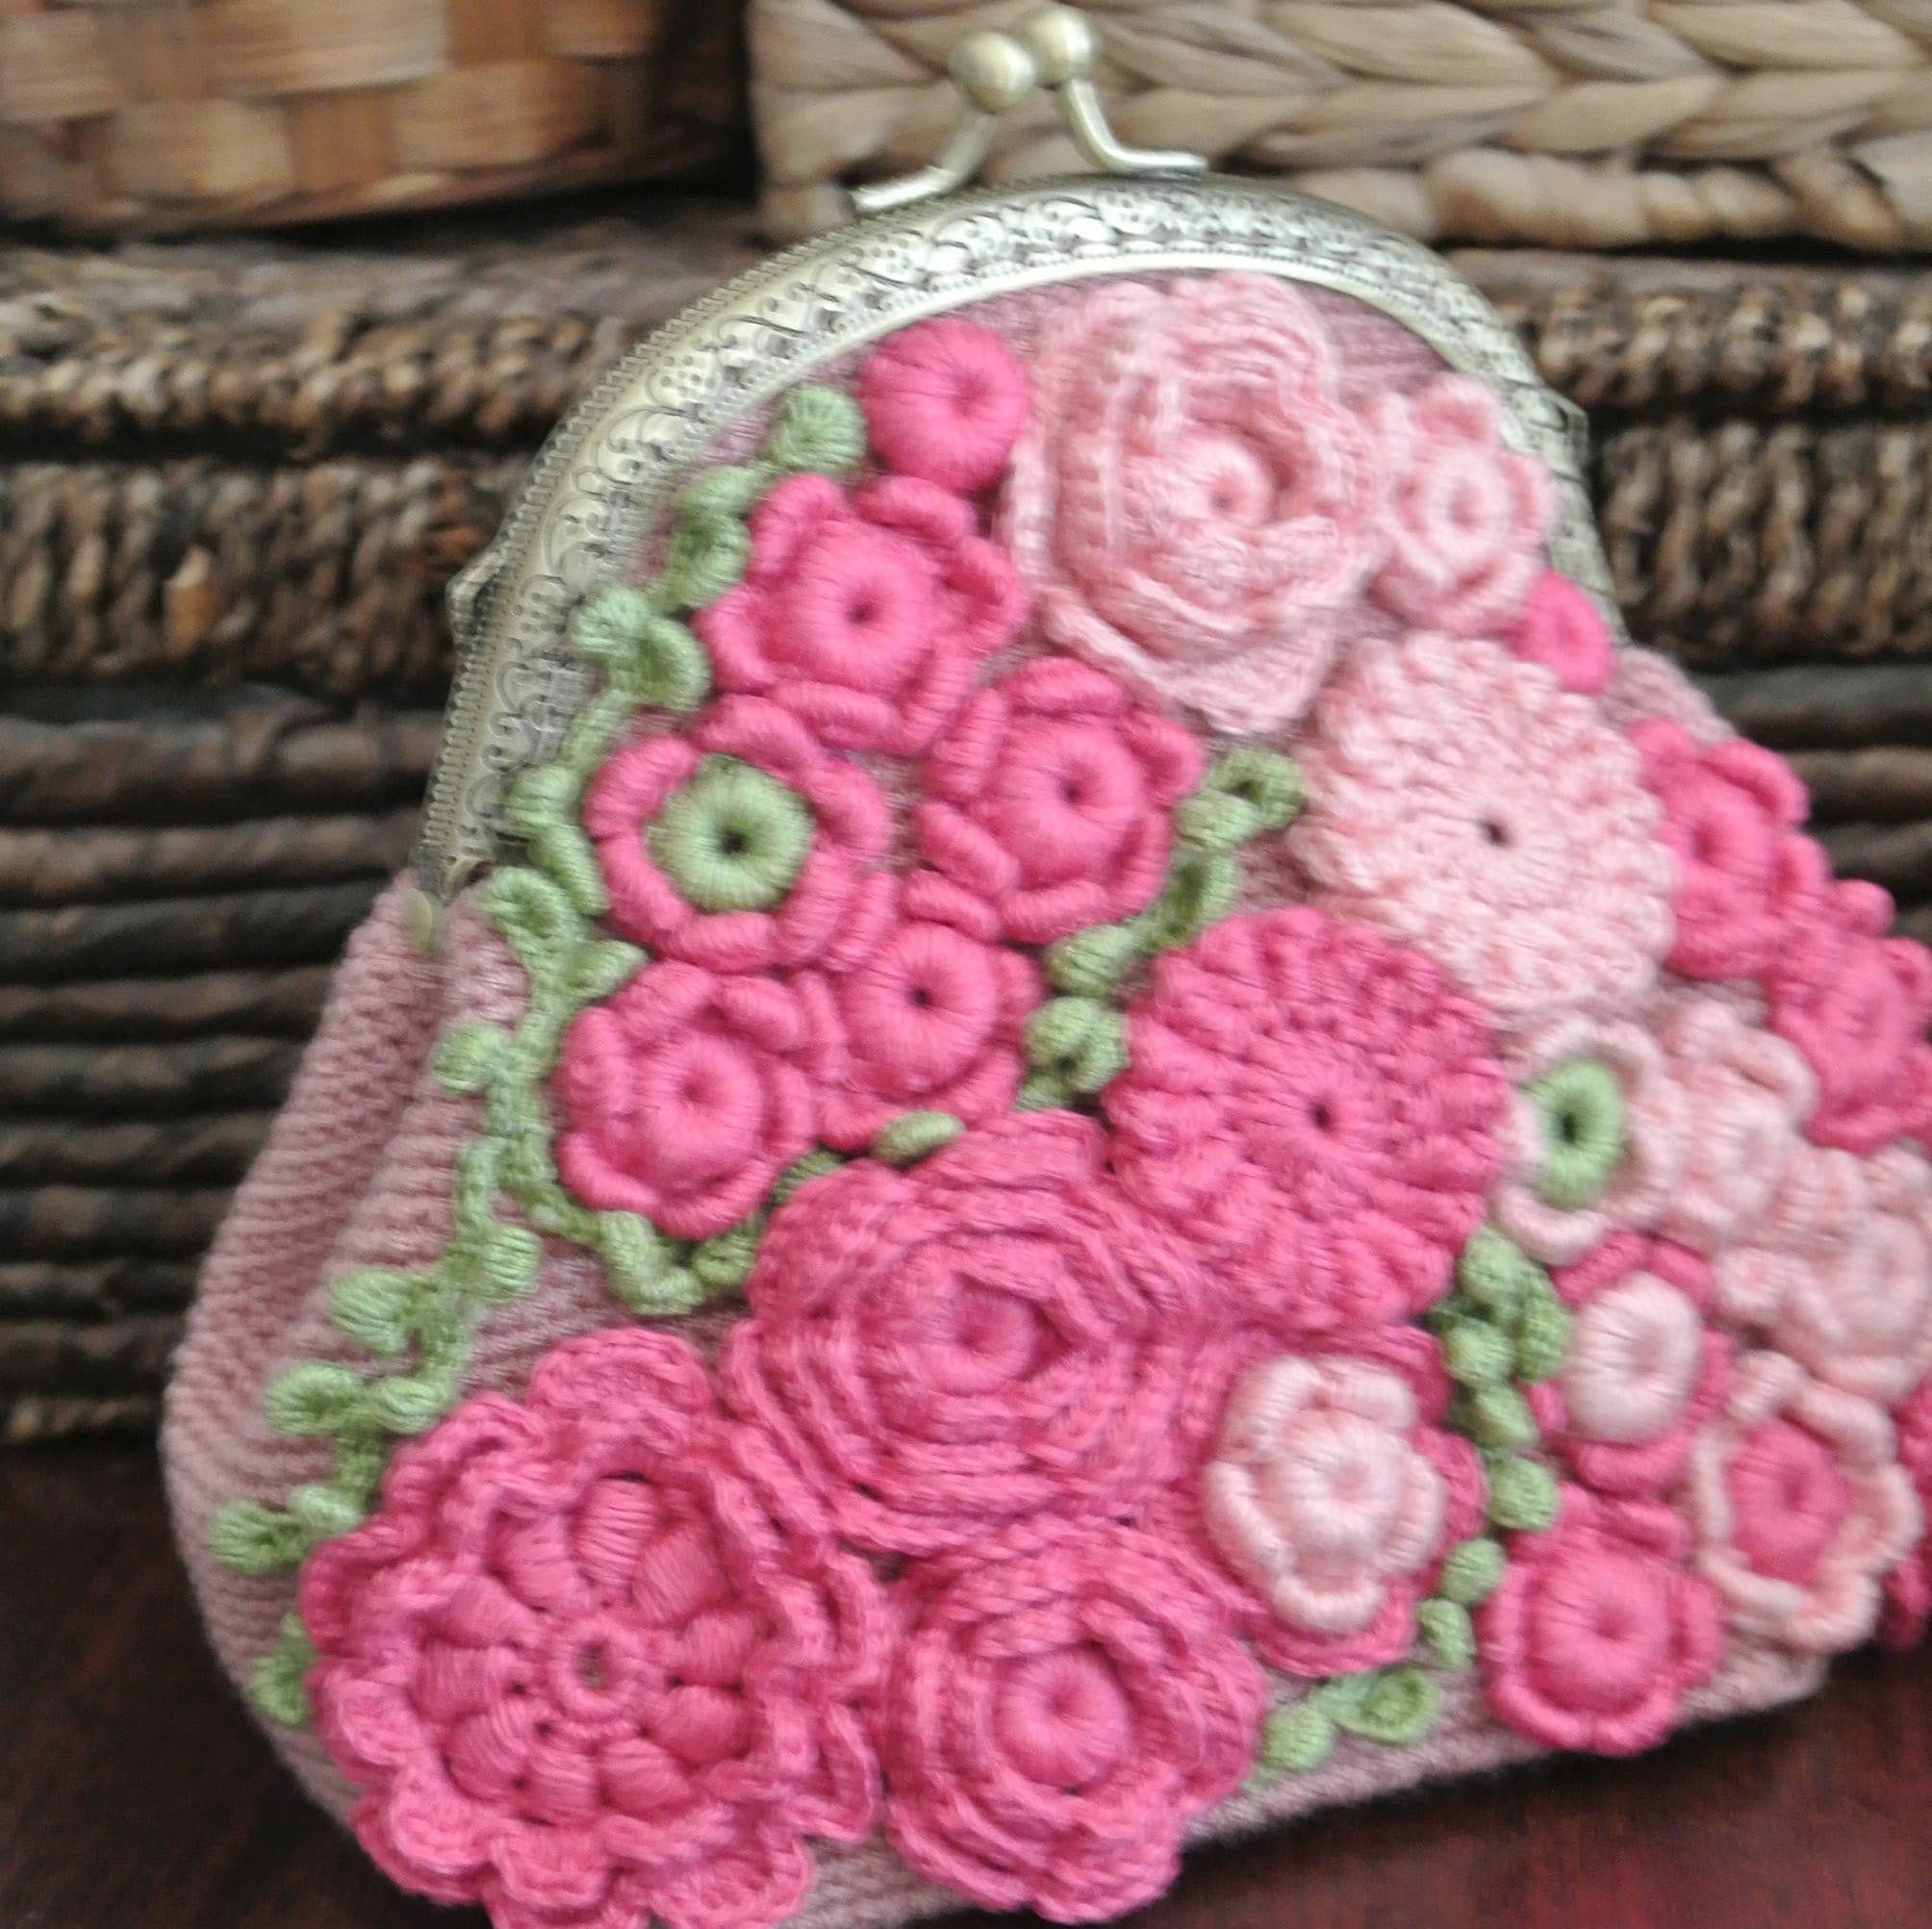 Crochet Purse Lace Clutch Irish Crochet Bag Floral Makeup Etsy